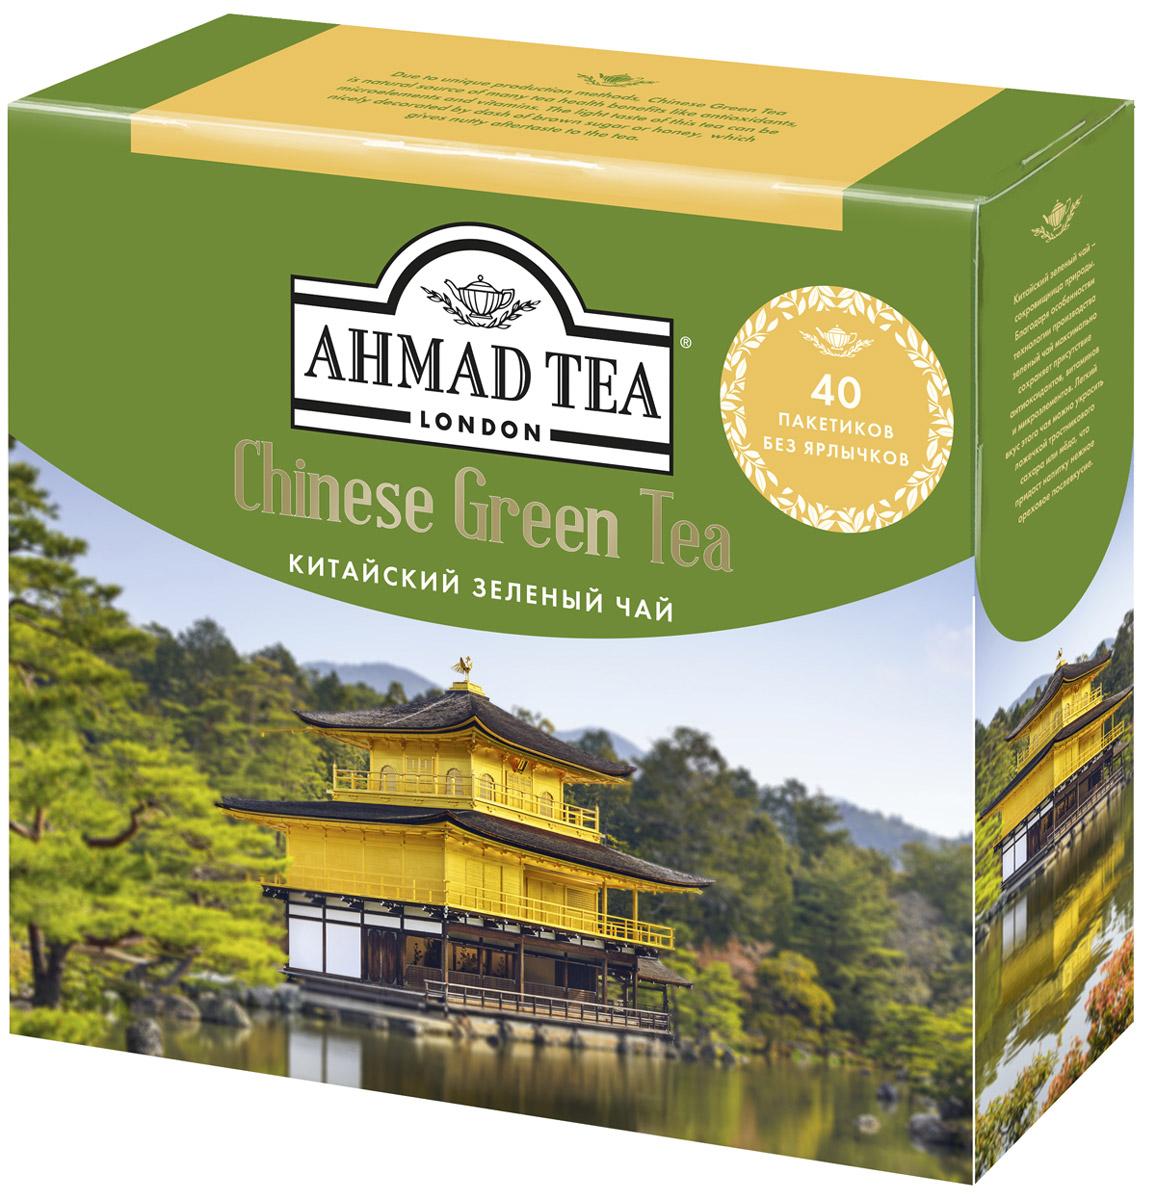 Ahmad Tea Китайский зеленый чай в пакетиках для заваривания в чайнике, 40 шт